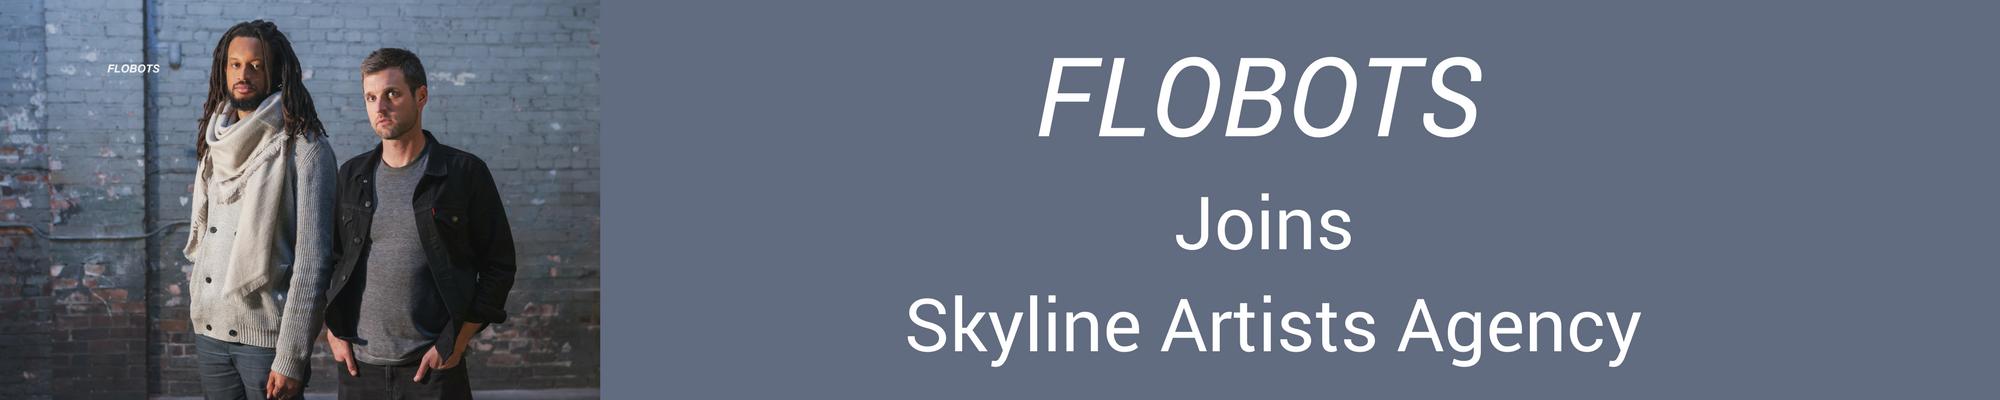 Flobots_banner